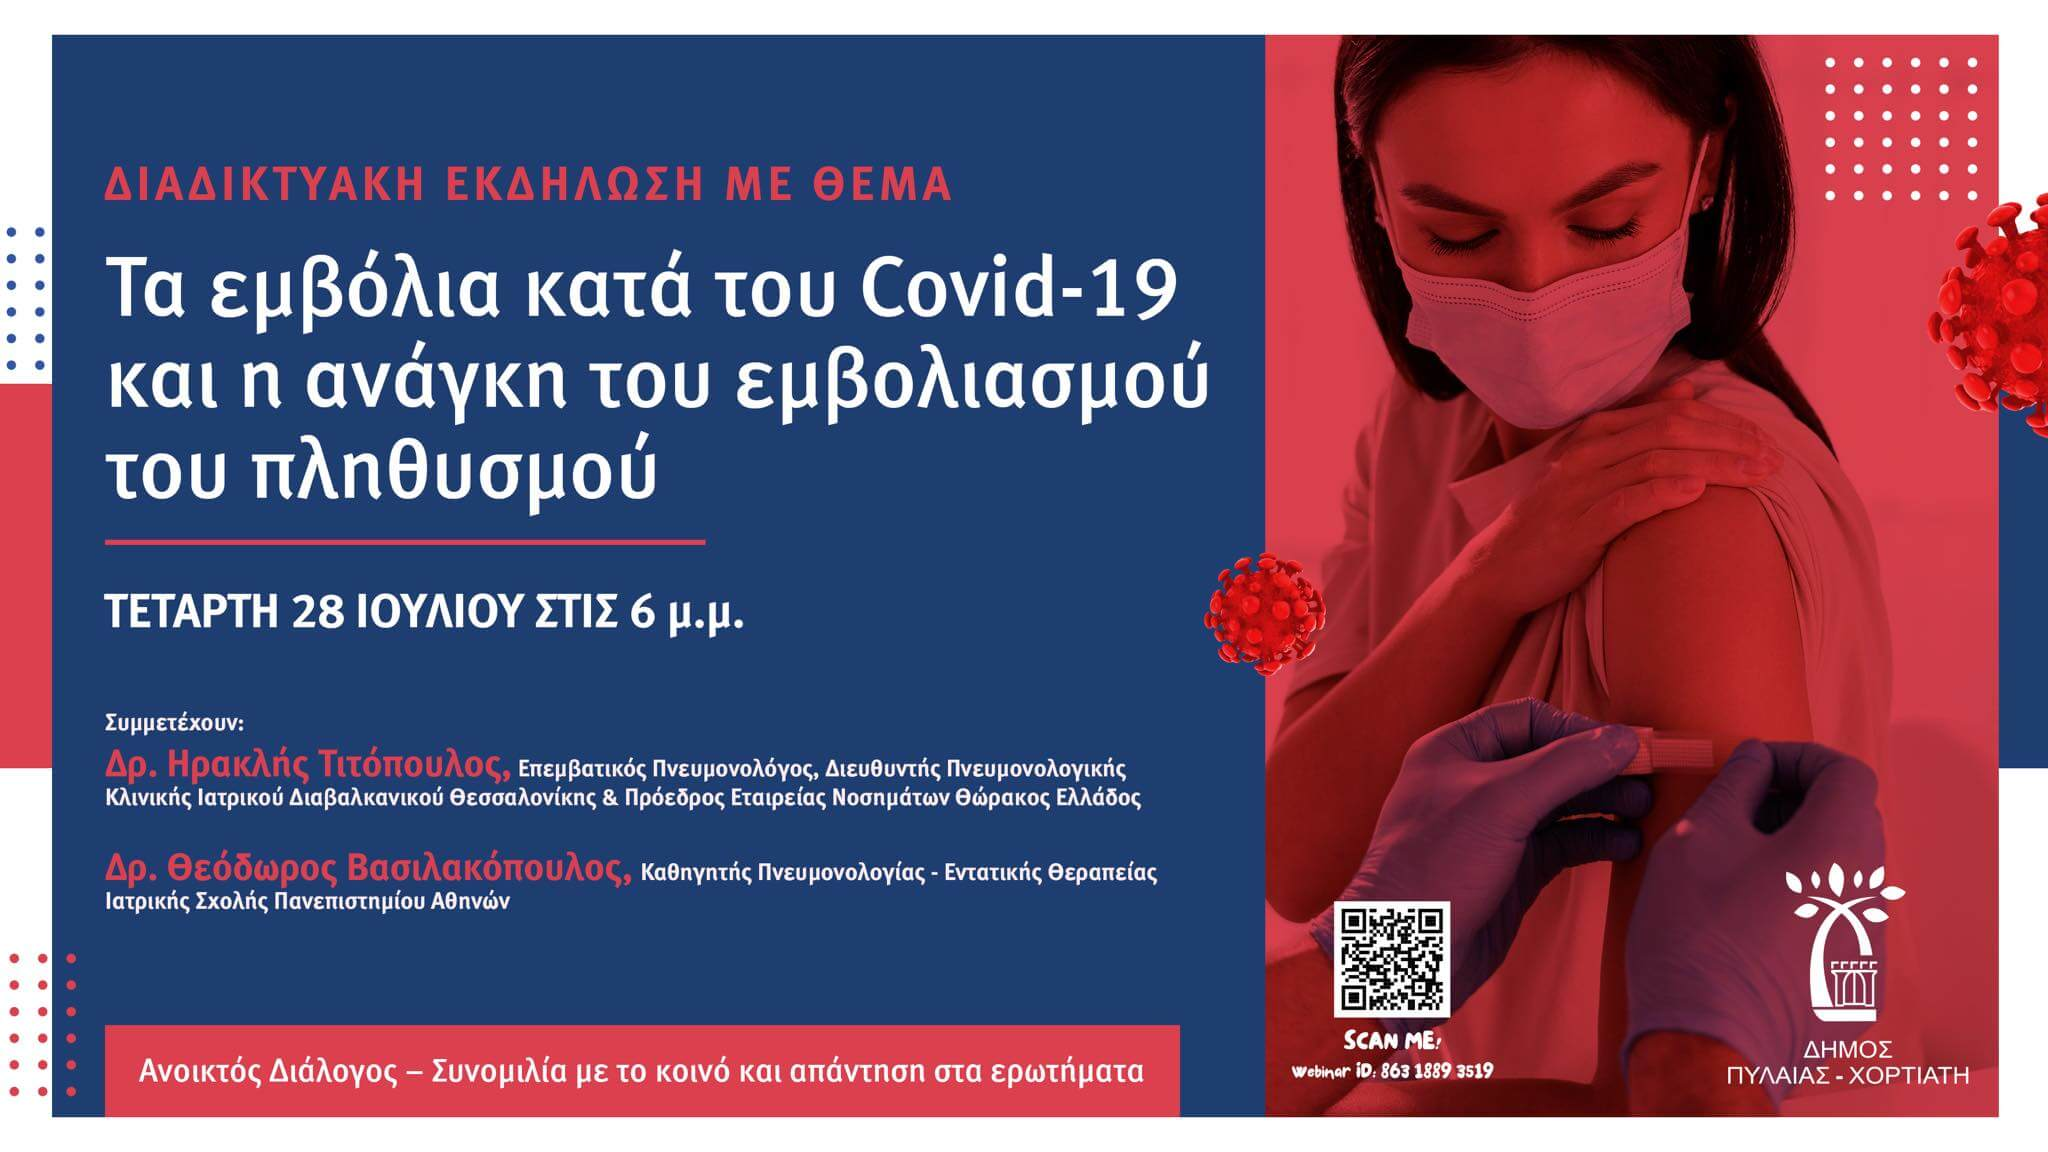 Εμβόλια κατά του covid-19 και η ανάγκη εμβολιασμού του πληθυσμού